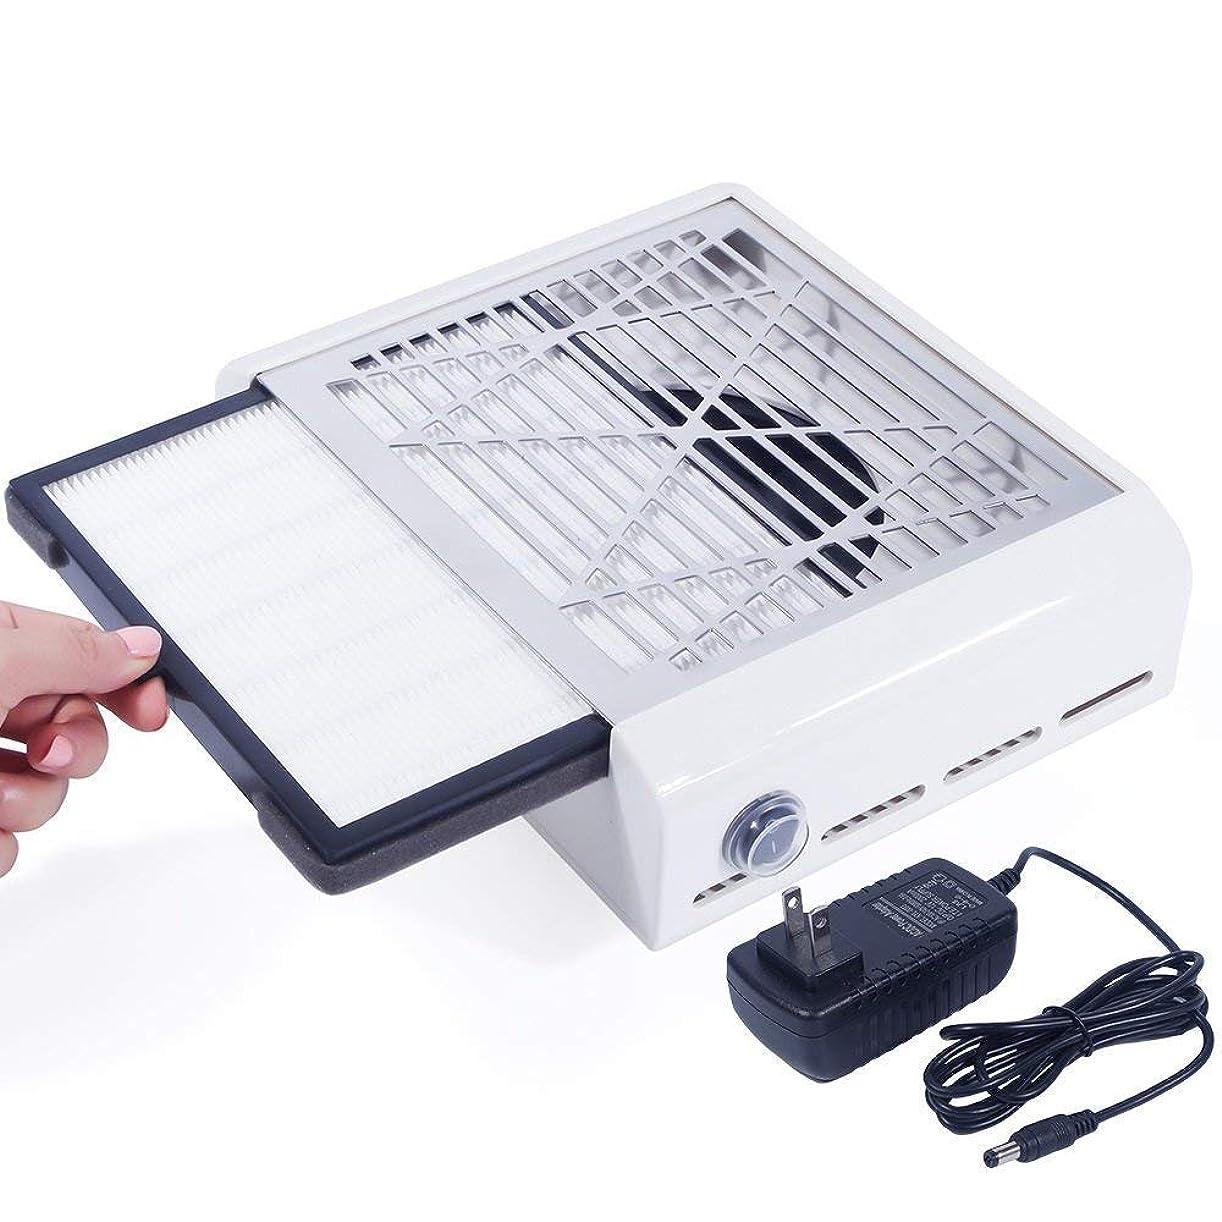 スペード教会解決するEleoption 40Wネイルダスコレクター ネイルファン ネイルダス集塵機 ネイルケア用 ネイルドライヤー プレゼント、ギフト